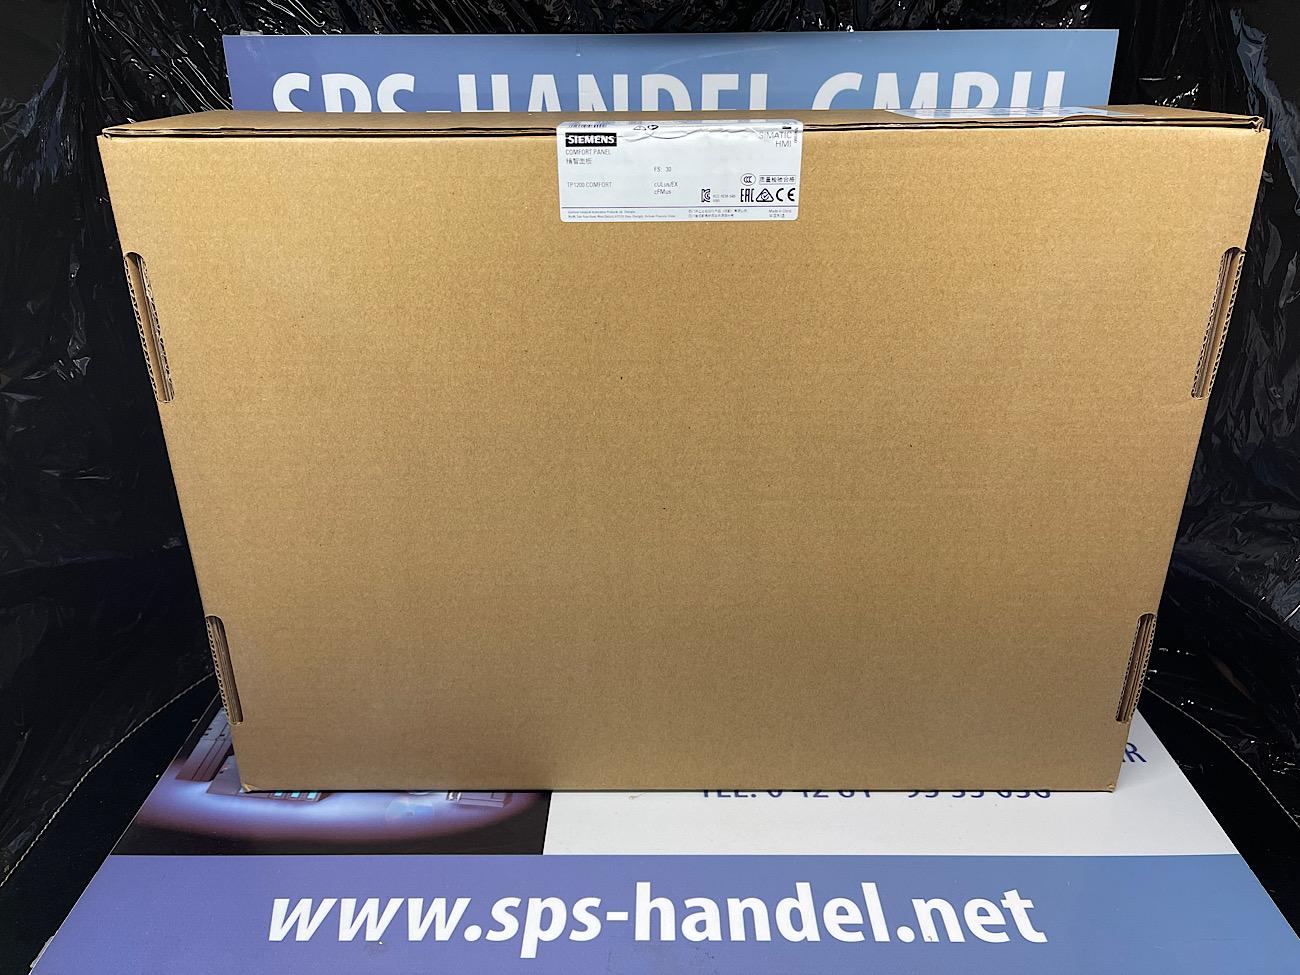 6AV2124-0MC01-0AX0  | TP1200 Comfort | NEU Siegel 30%